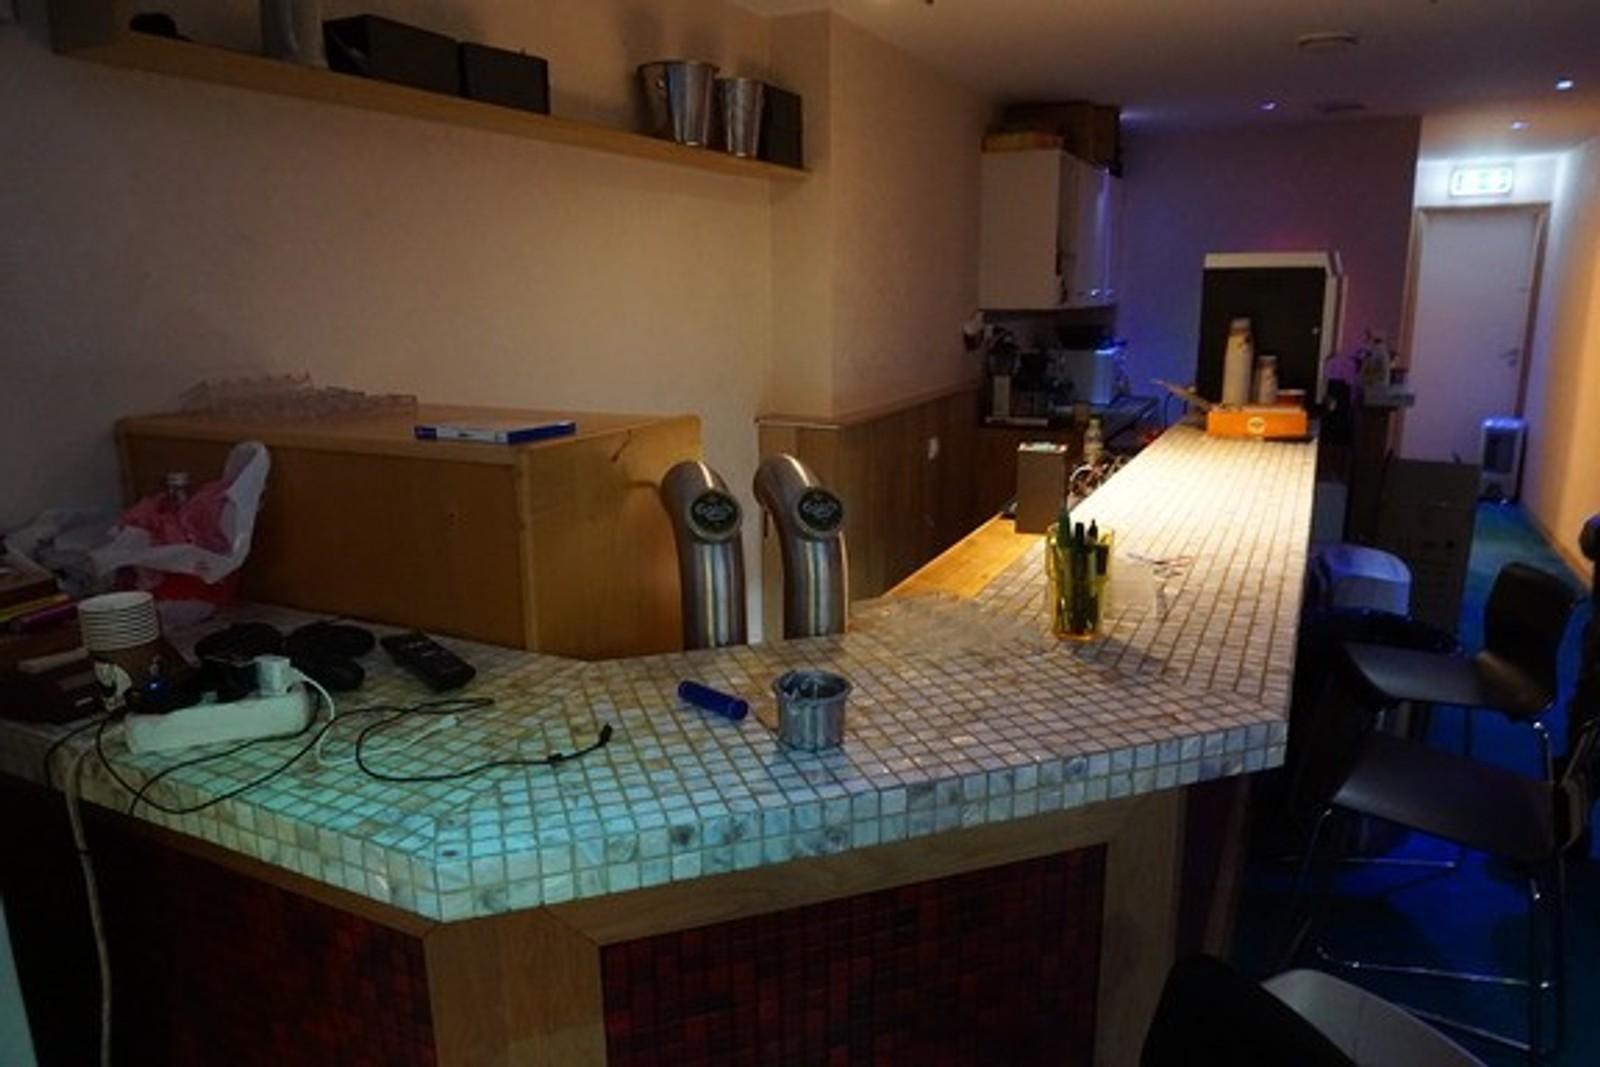 EGEN BAR: Pokerklubben i Kaigaten i Bergen er innredet med egen bar. Bildet er tatt under politiets razzia natt til fredag.